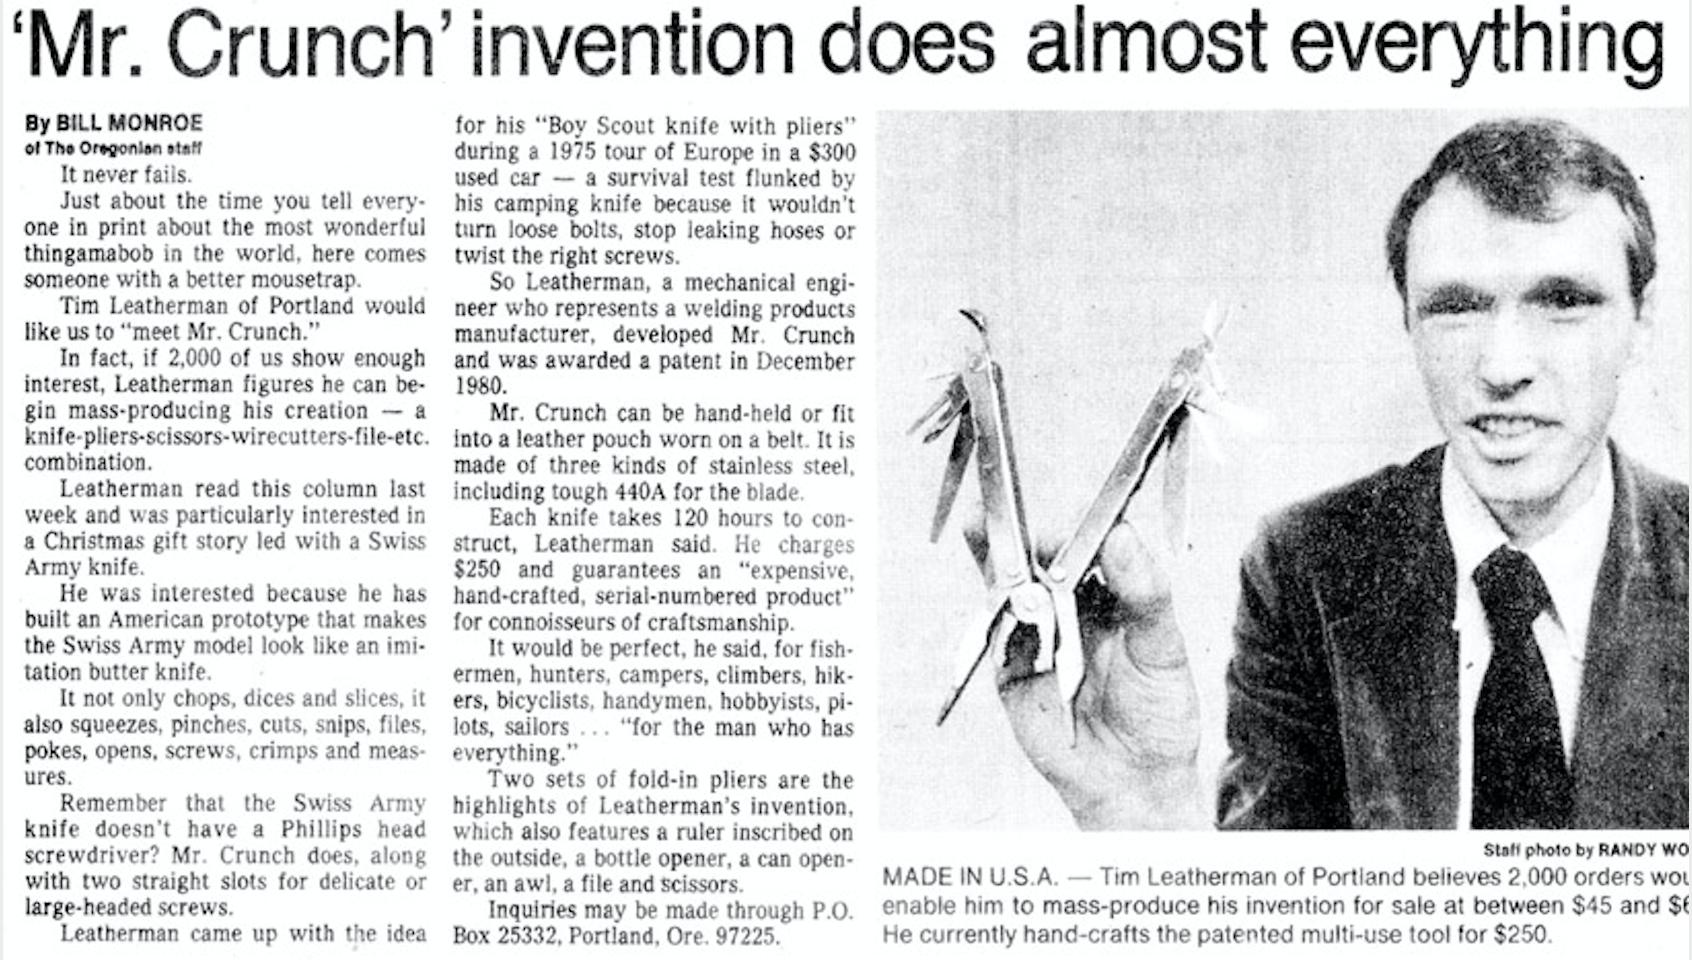 Matéria de Jornal com Tim Leatherman na época da invenção